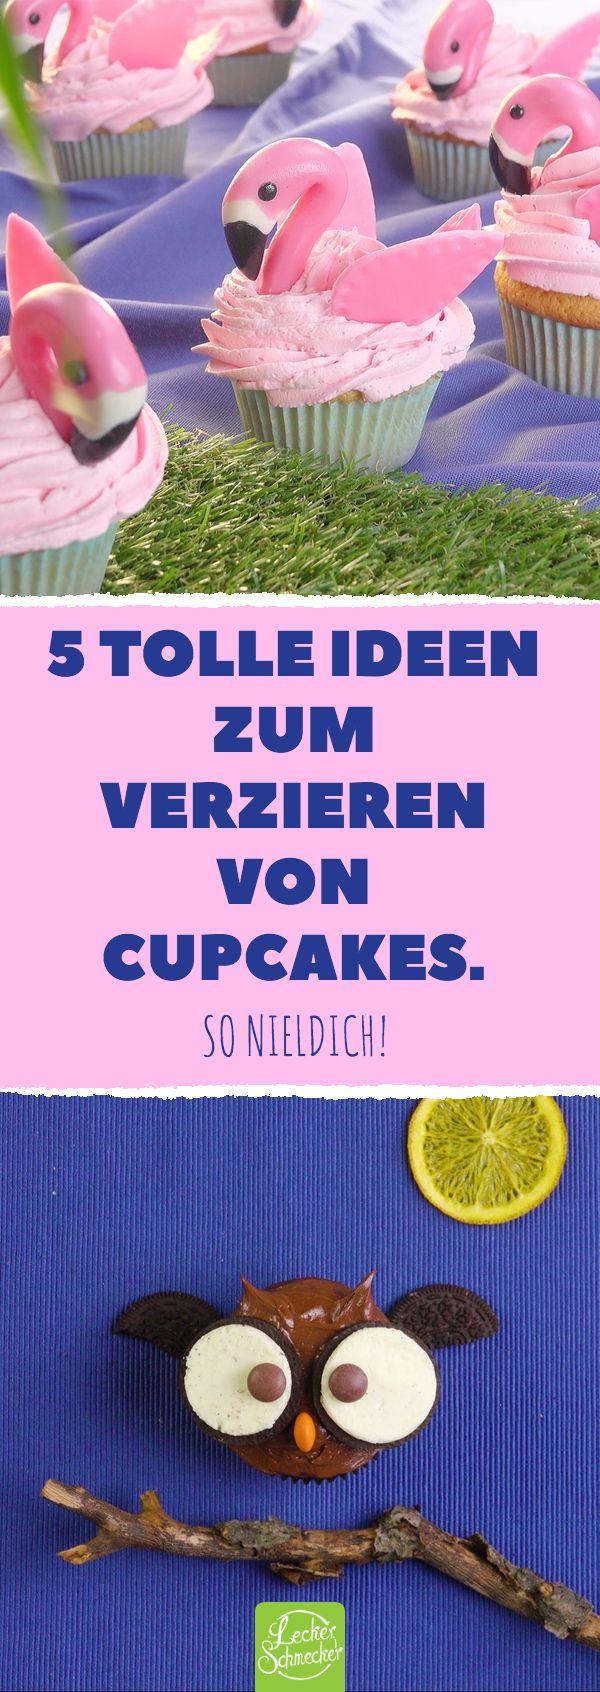 Lassen Sie den Muffin kopfüber in die Masse fallen. Das wirst du nicht glauben! 5 tolle ich …   – Kuchen & Torten Rezepte